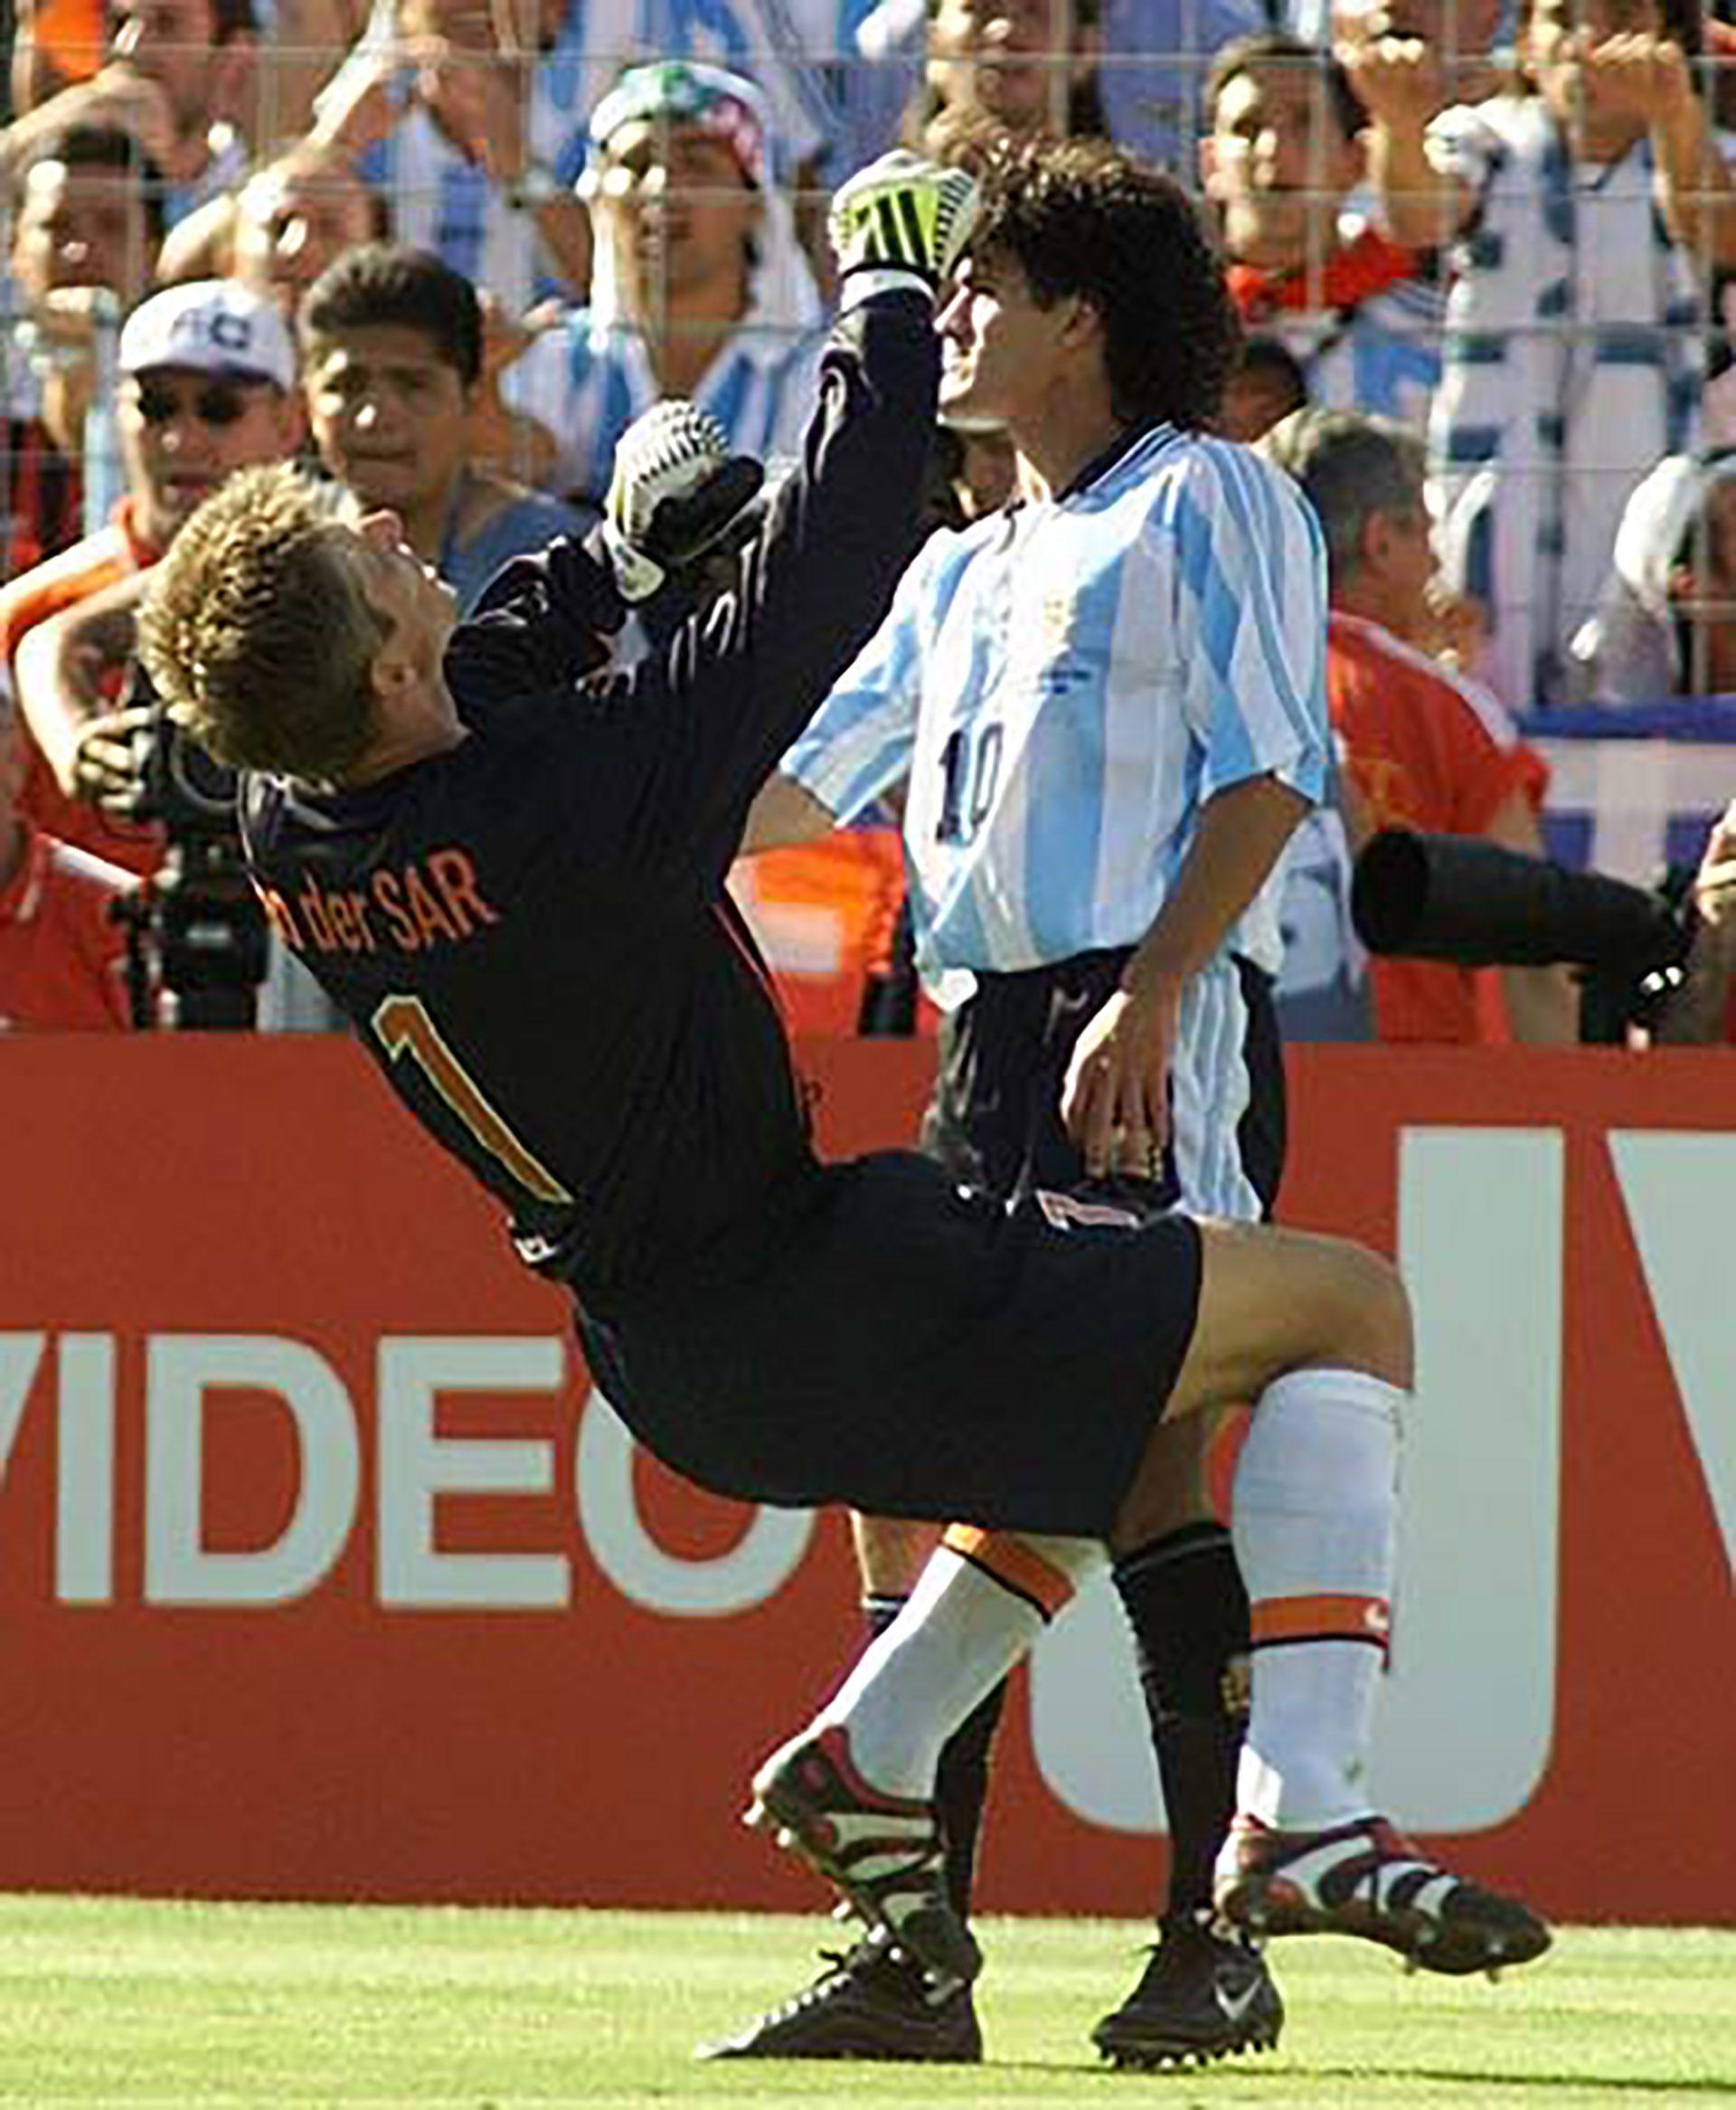 El cabezazo de Ortega a Van der Saar antes de la eliminación de Argentina frente a Holanda (AP)